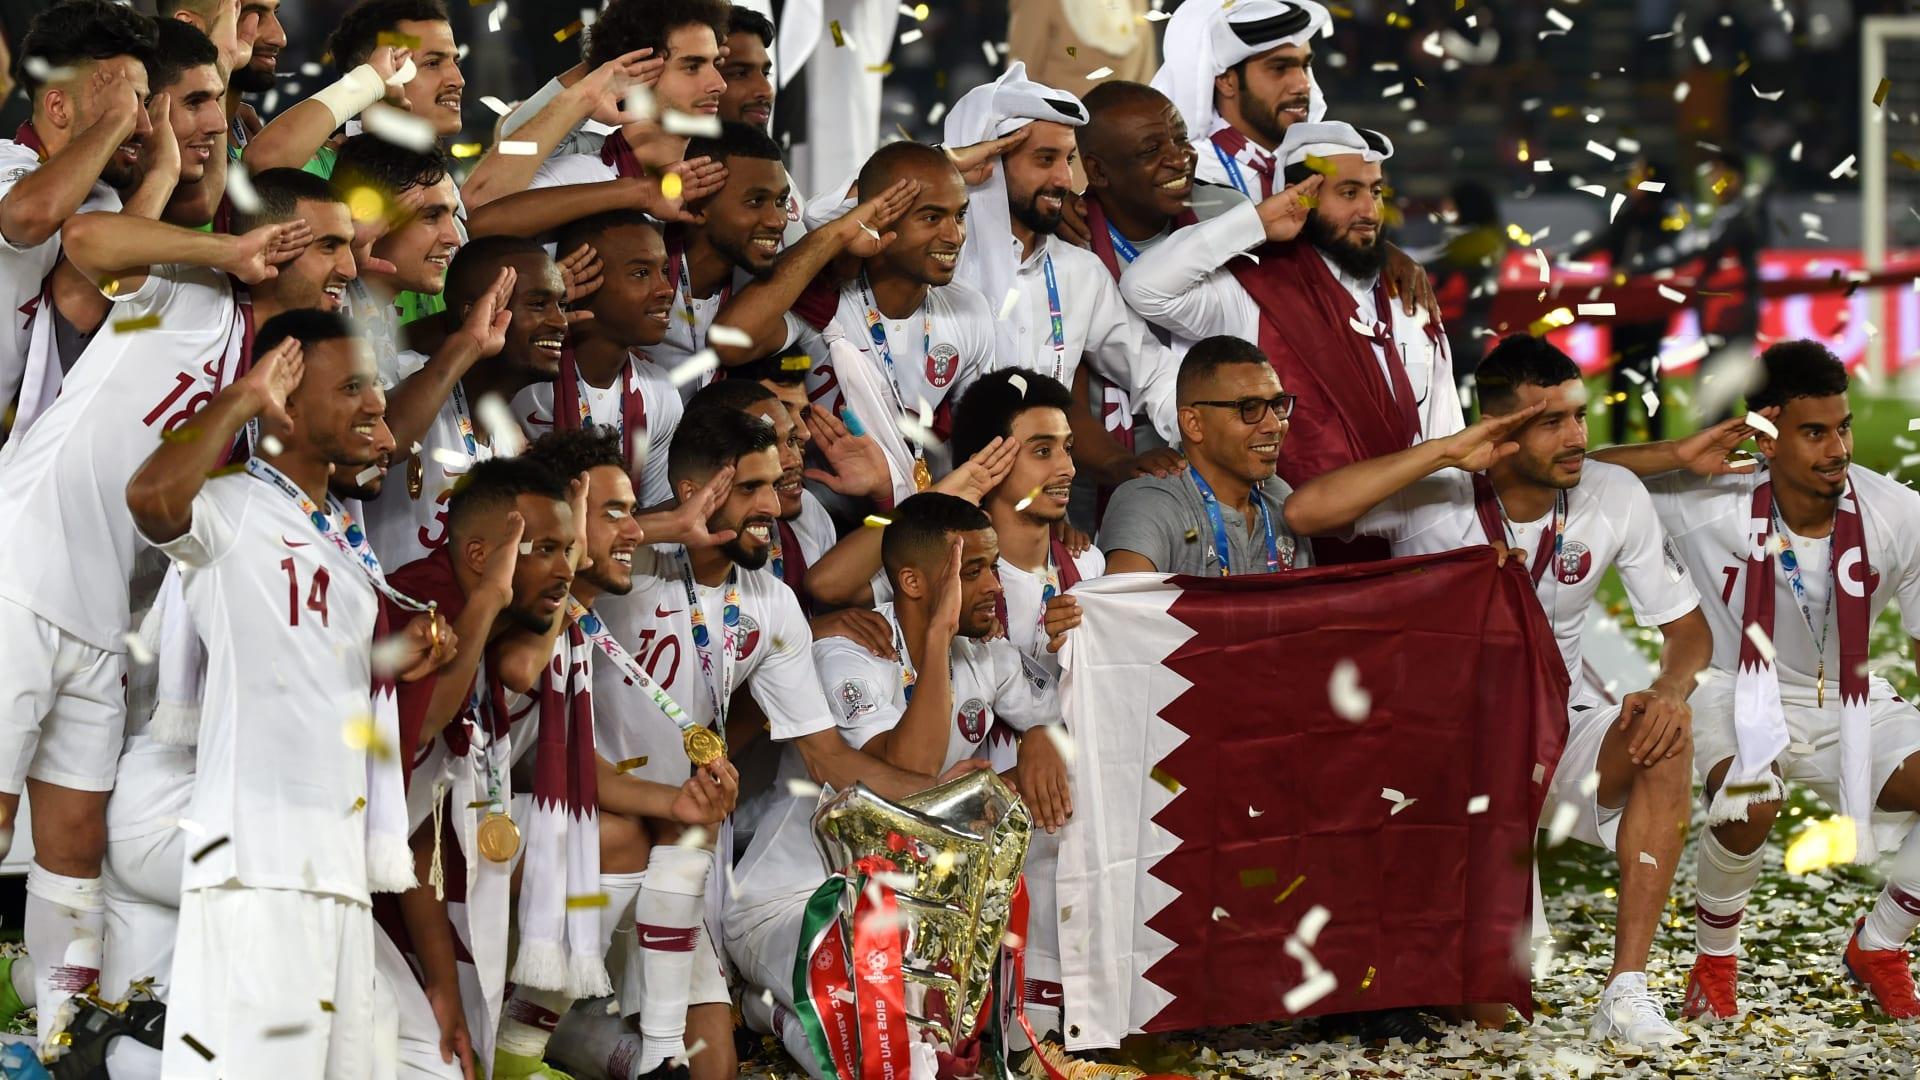 بعد الصافرة.. لماذا خسرت الإمارات أمام قطر بنتيجة كبيرة؟